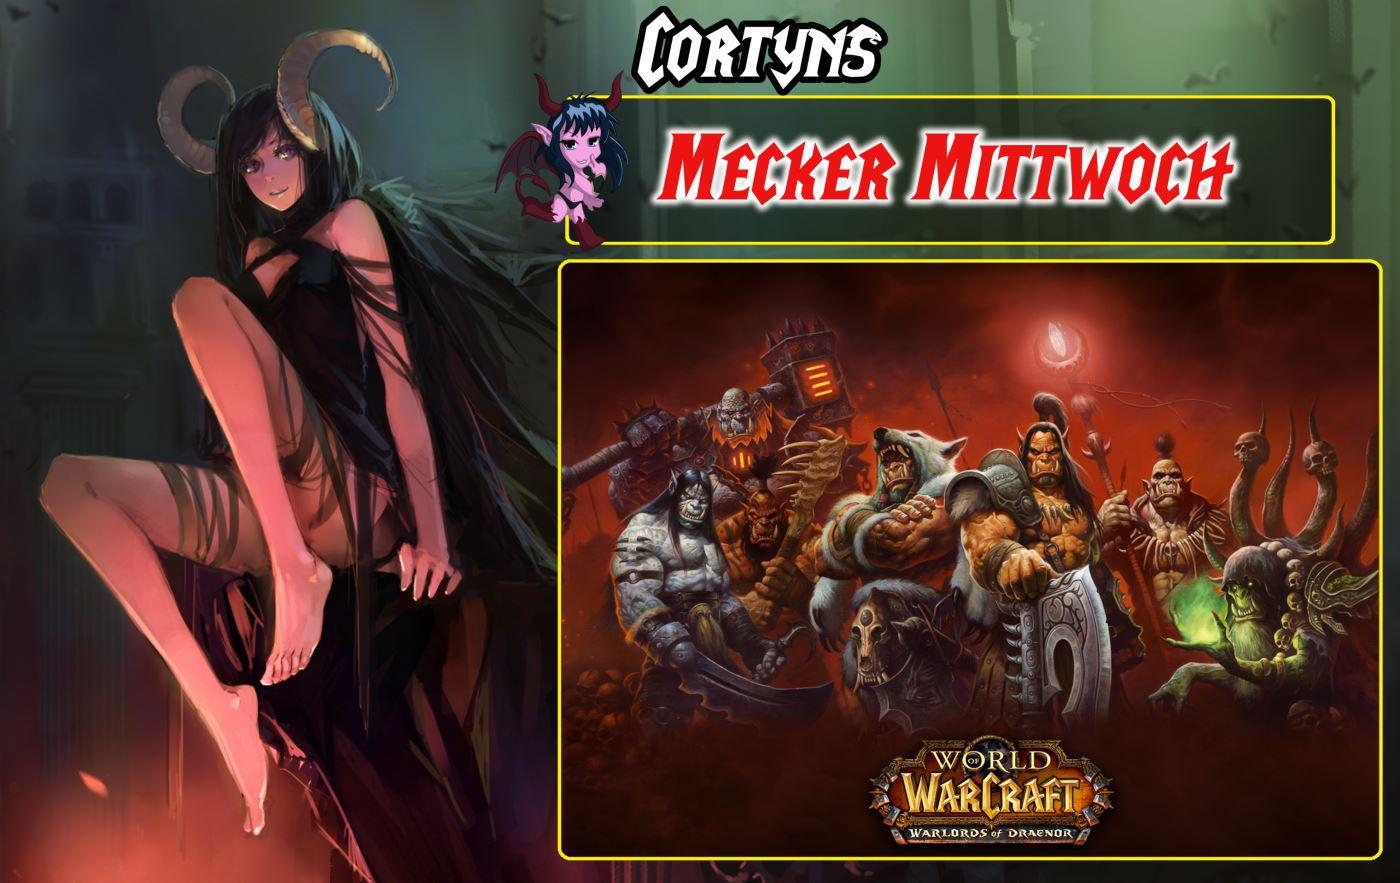 World of Warcraft: Warlords of Warteschlange – Mecker Mittwoch